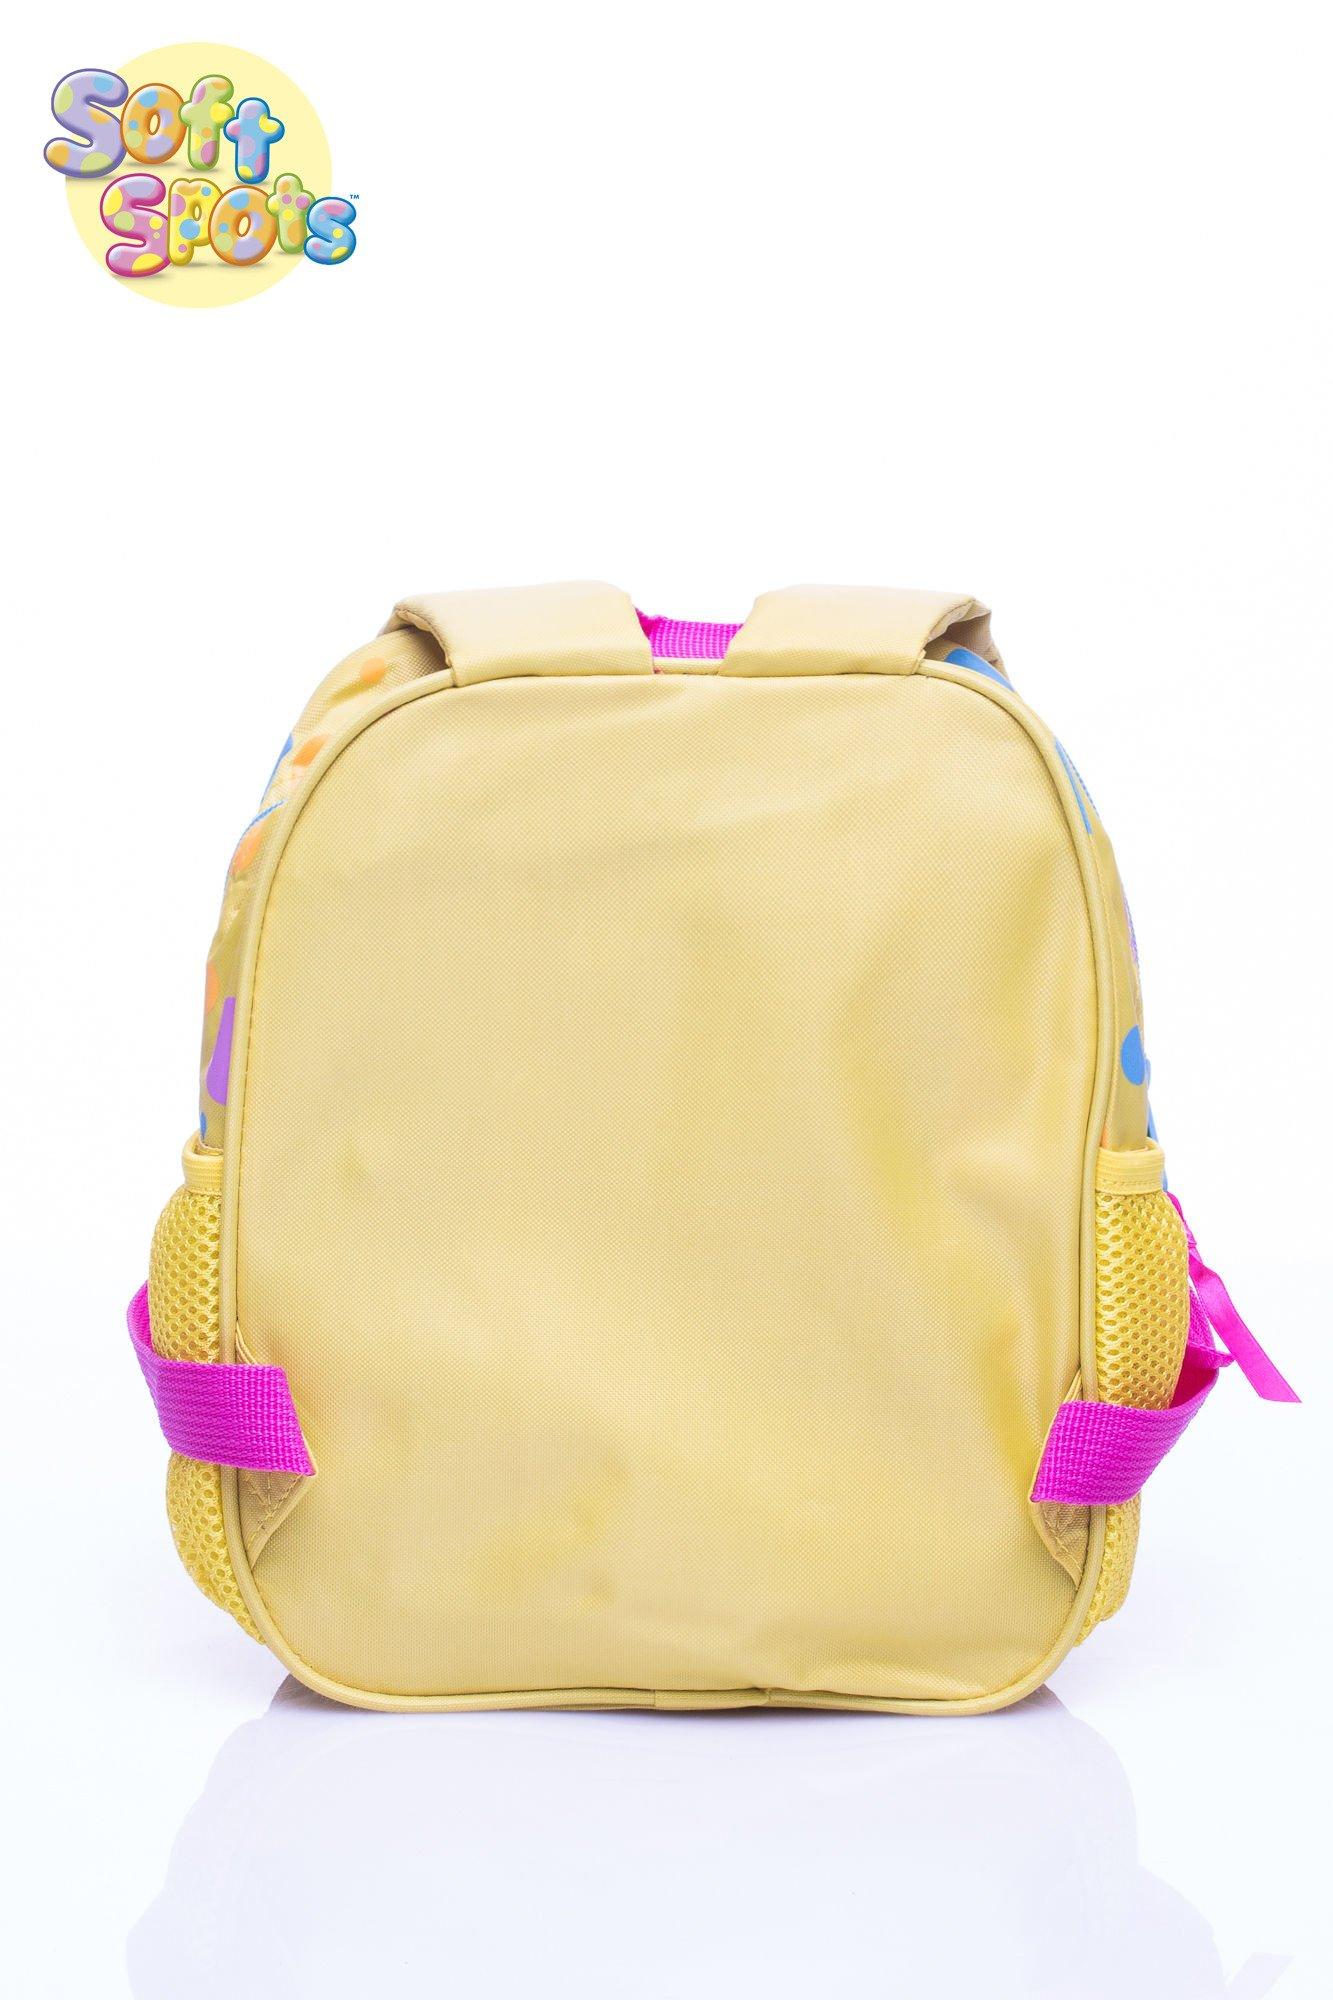 Żółty plecak na wycieczkę DISNEY Soft Spots                                  zdj.                                  5